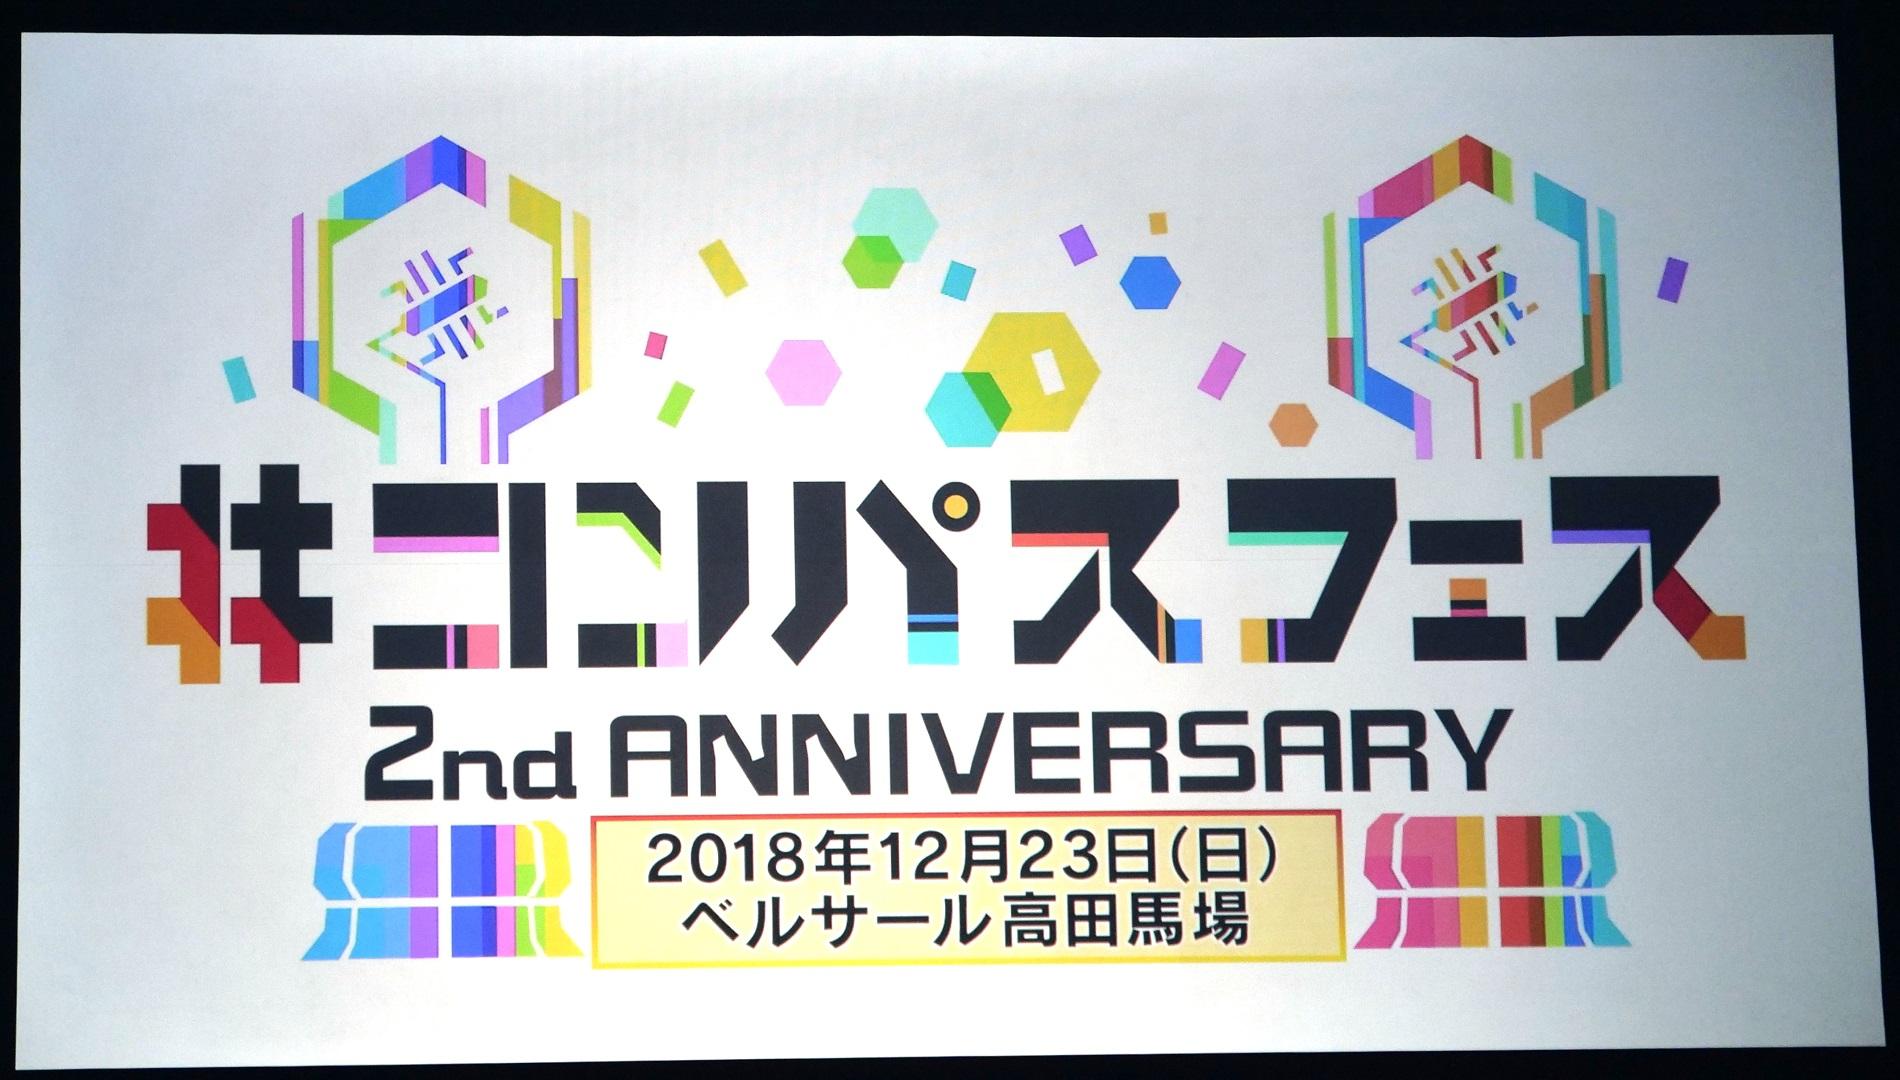 #コンパス【ニュース】: 大阪からさらにパワーアップ!ライブアリーナ千葉公演見どころ紹介